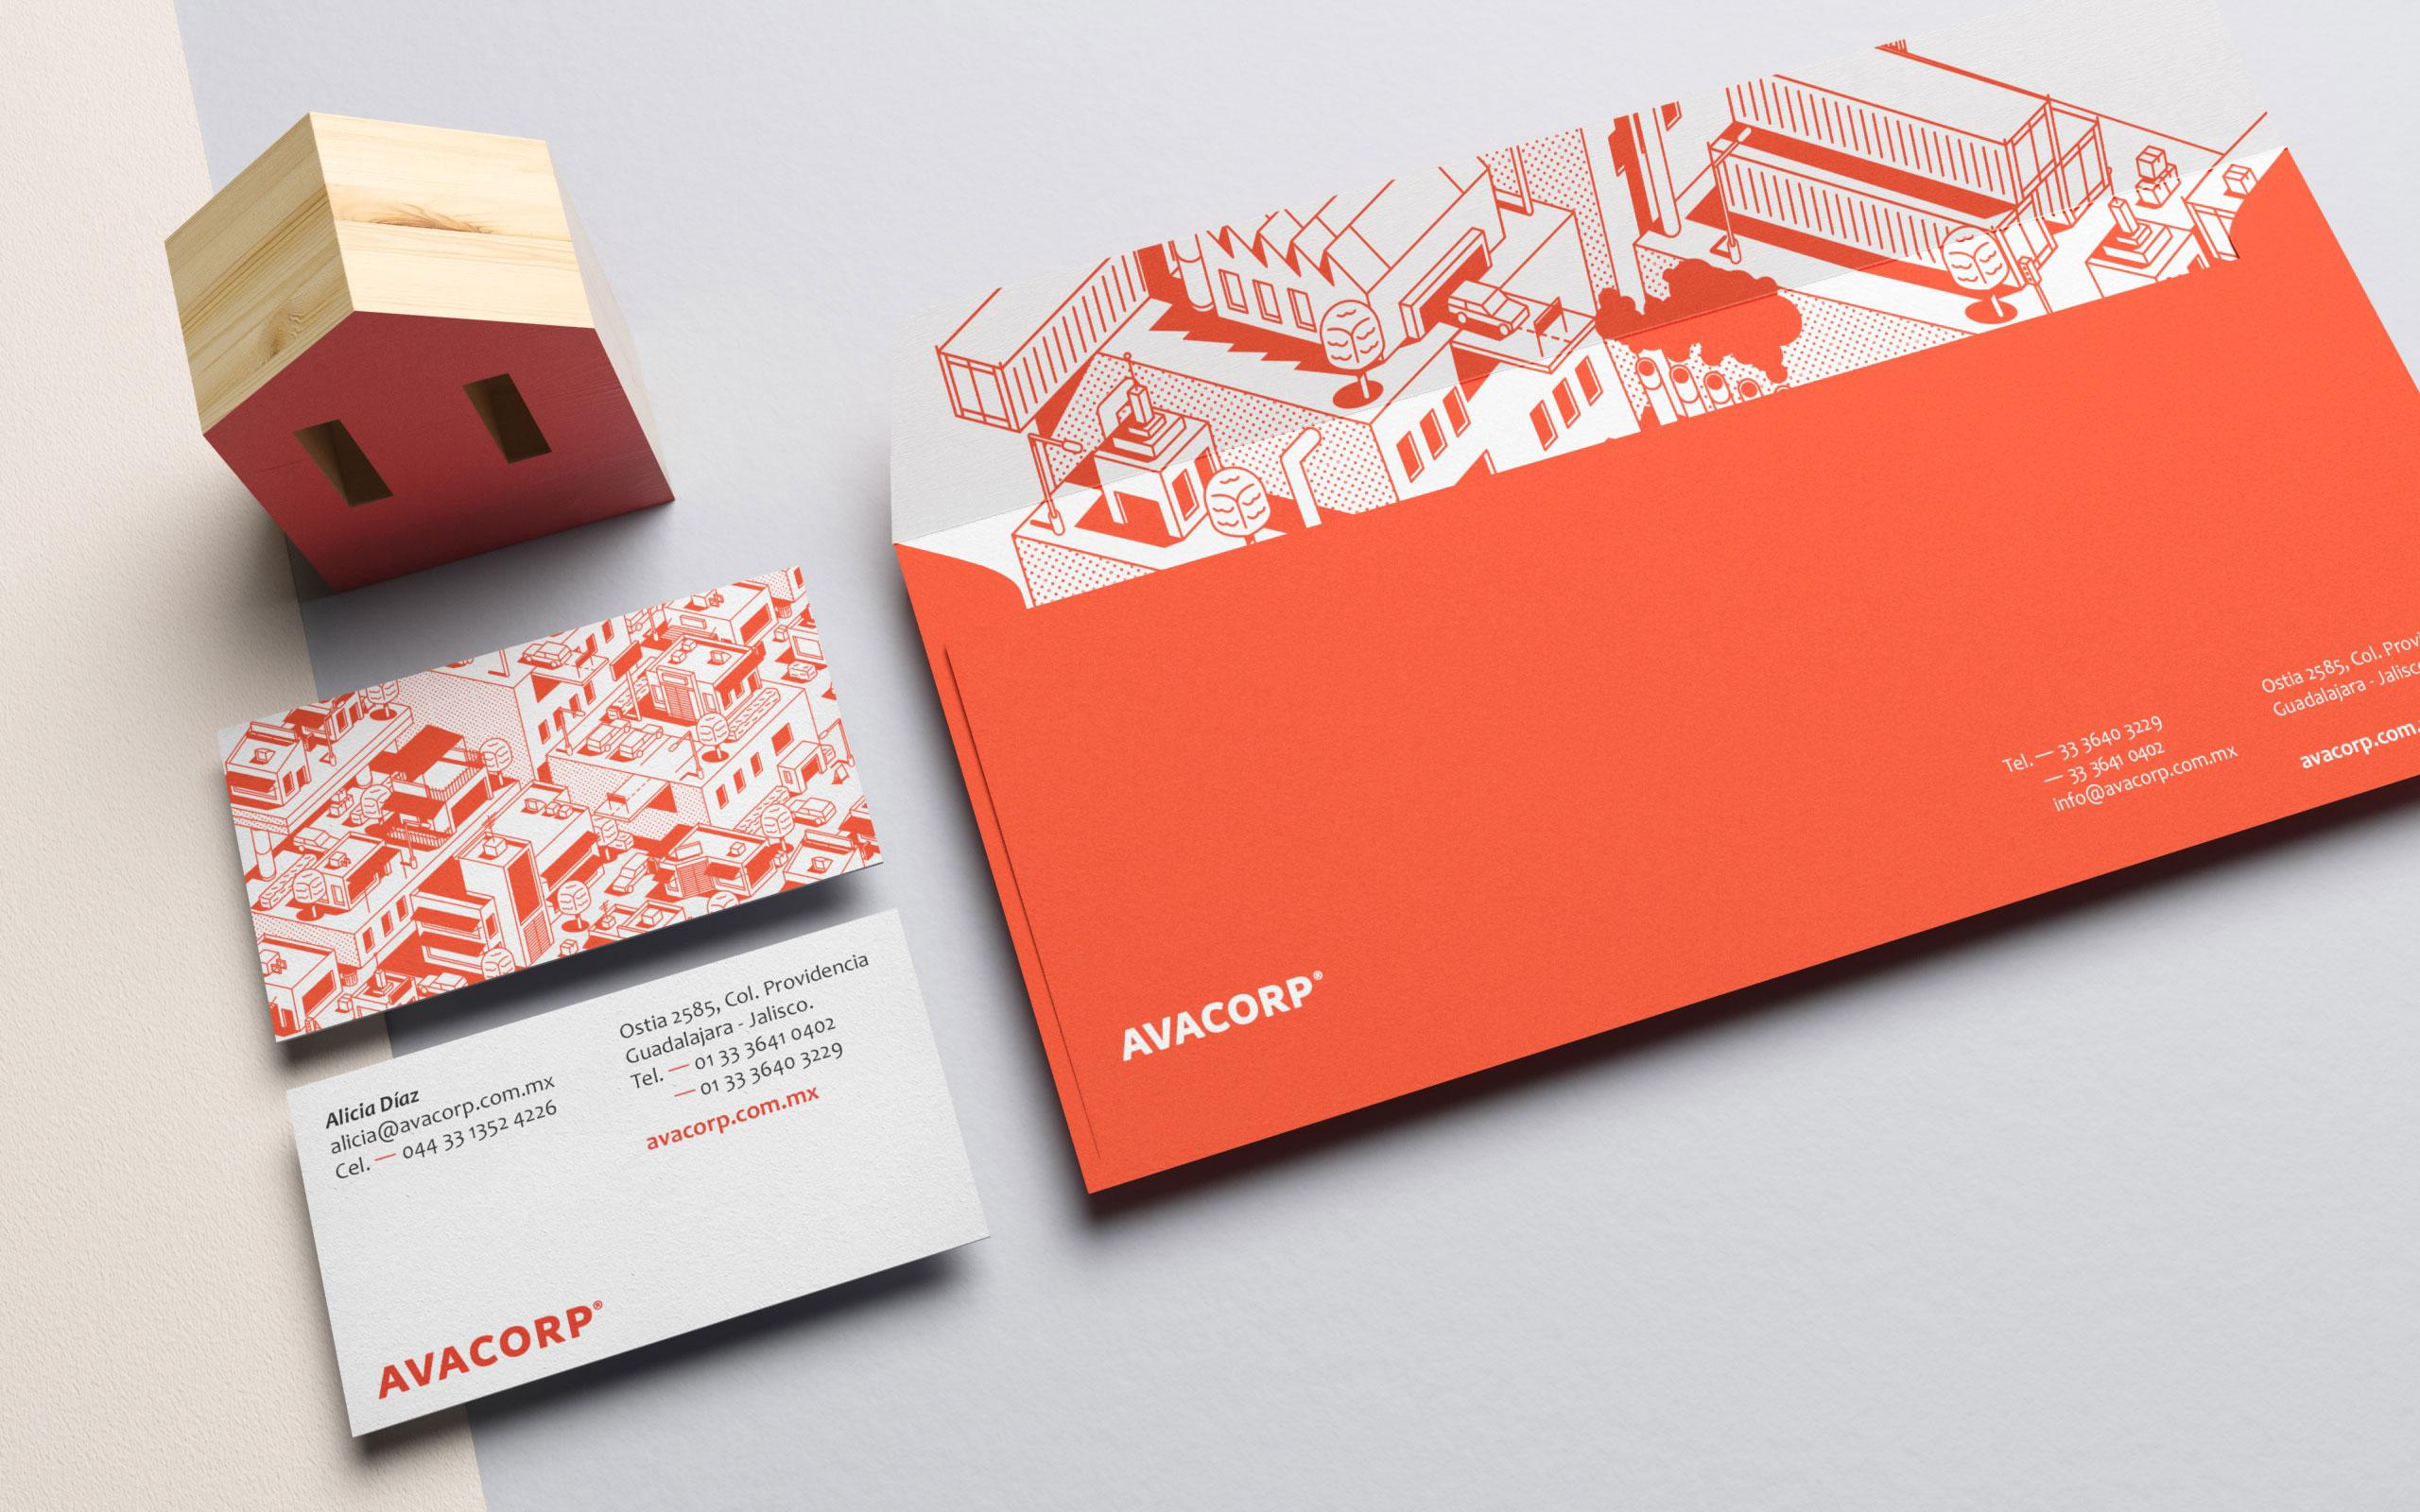 Avacorp-08